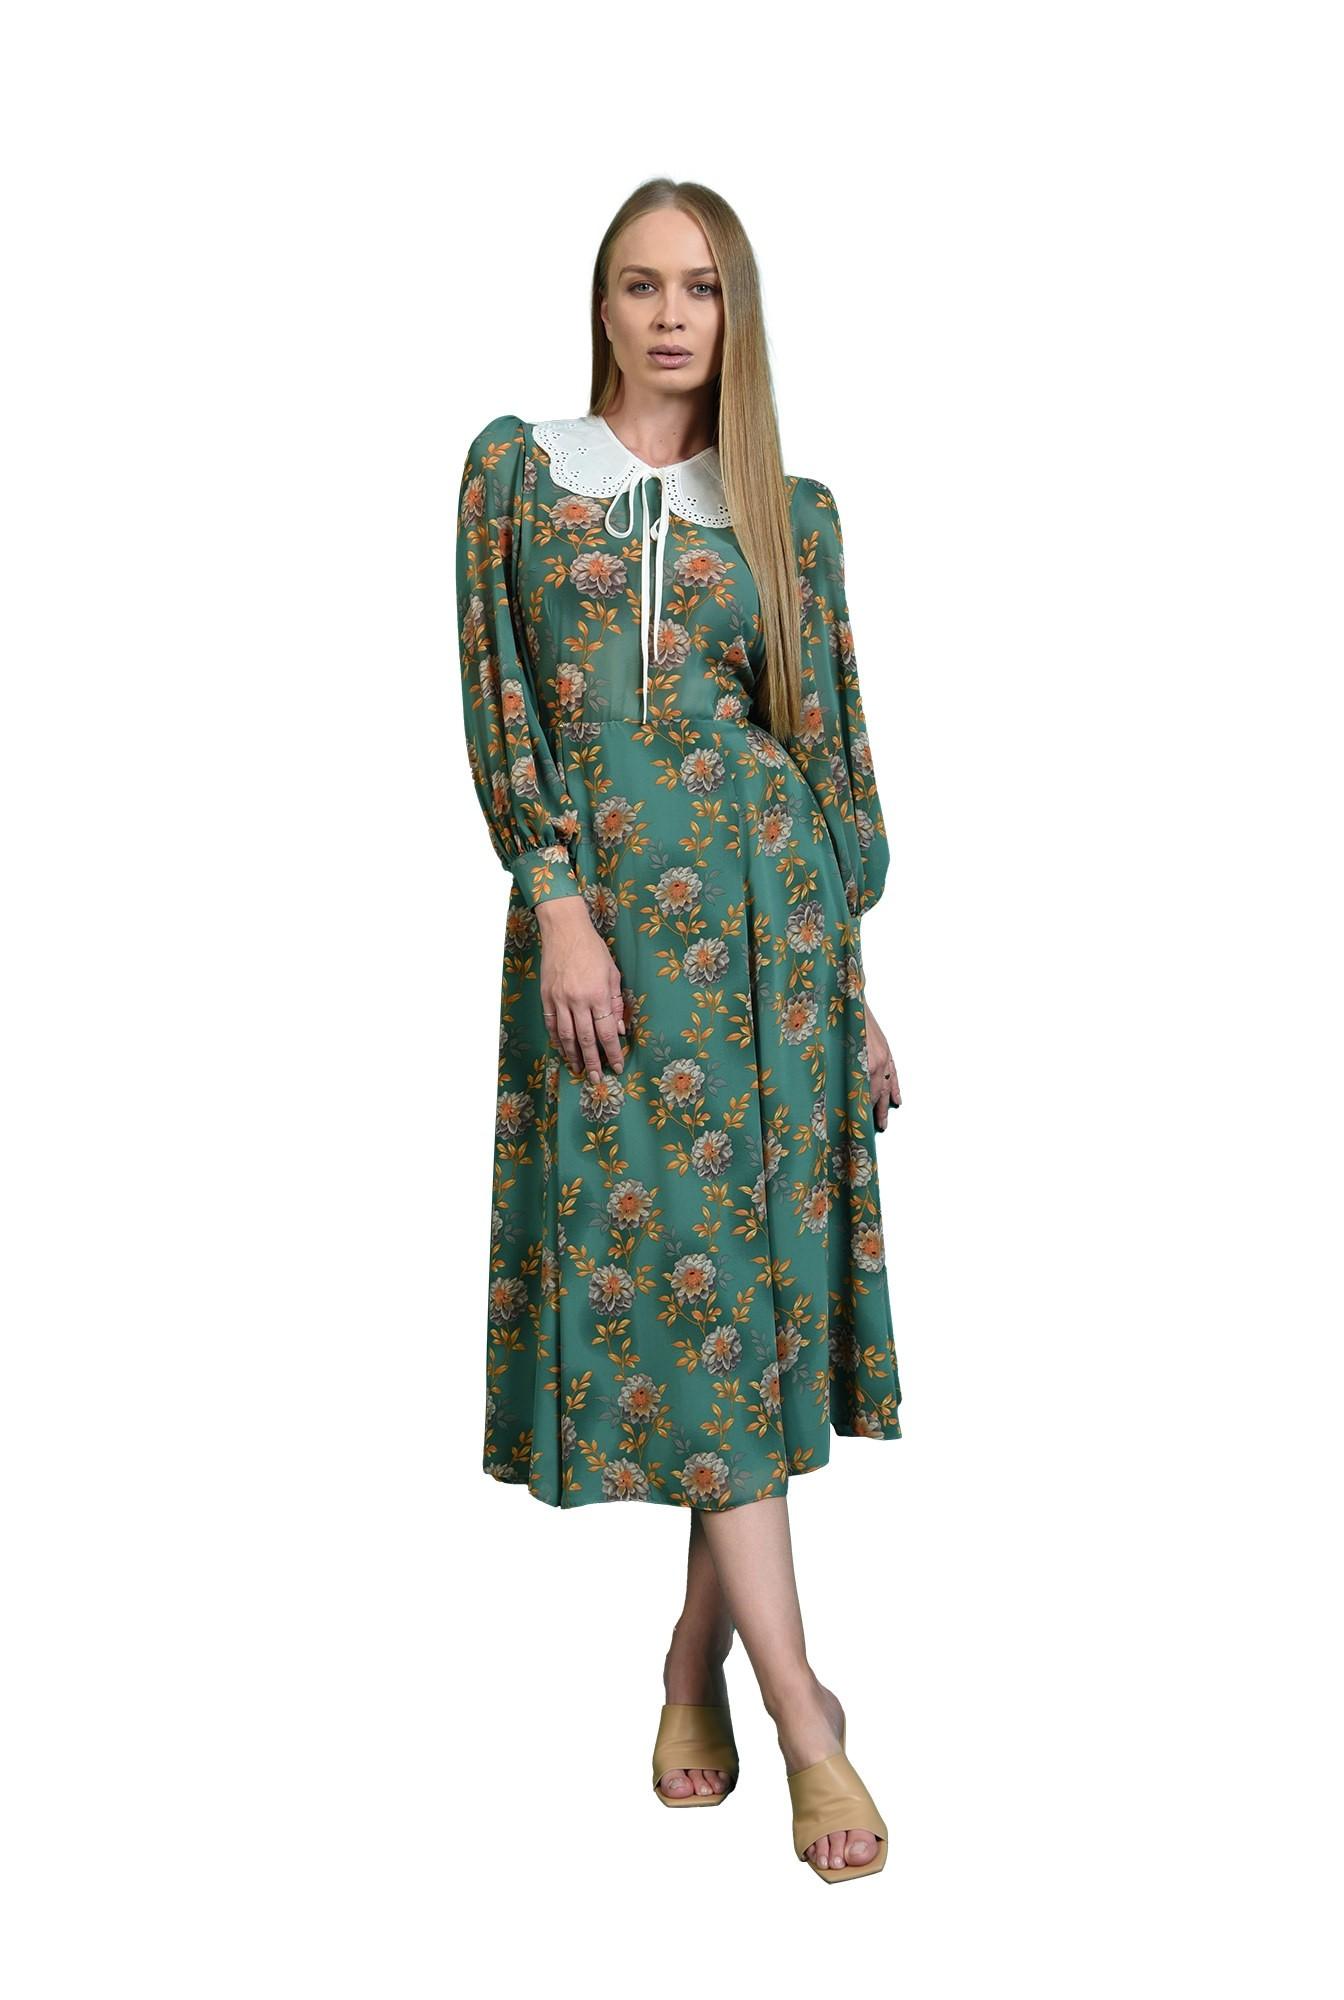 3 - rochie evazata, verde, cu guler aplicat